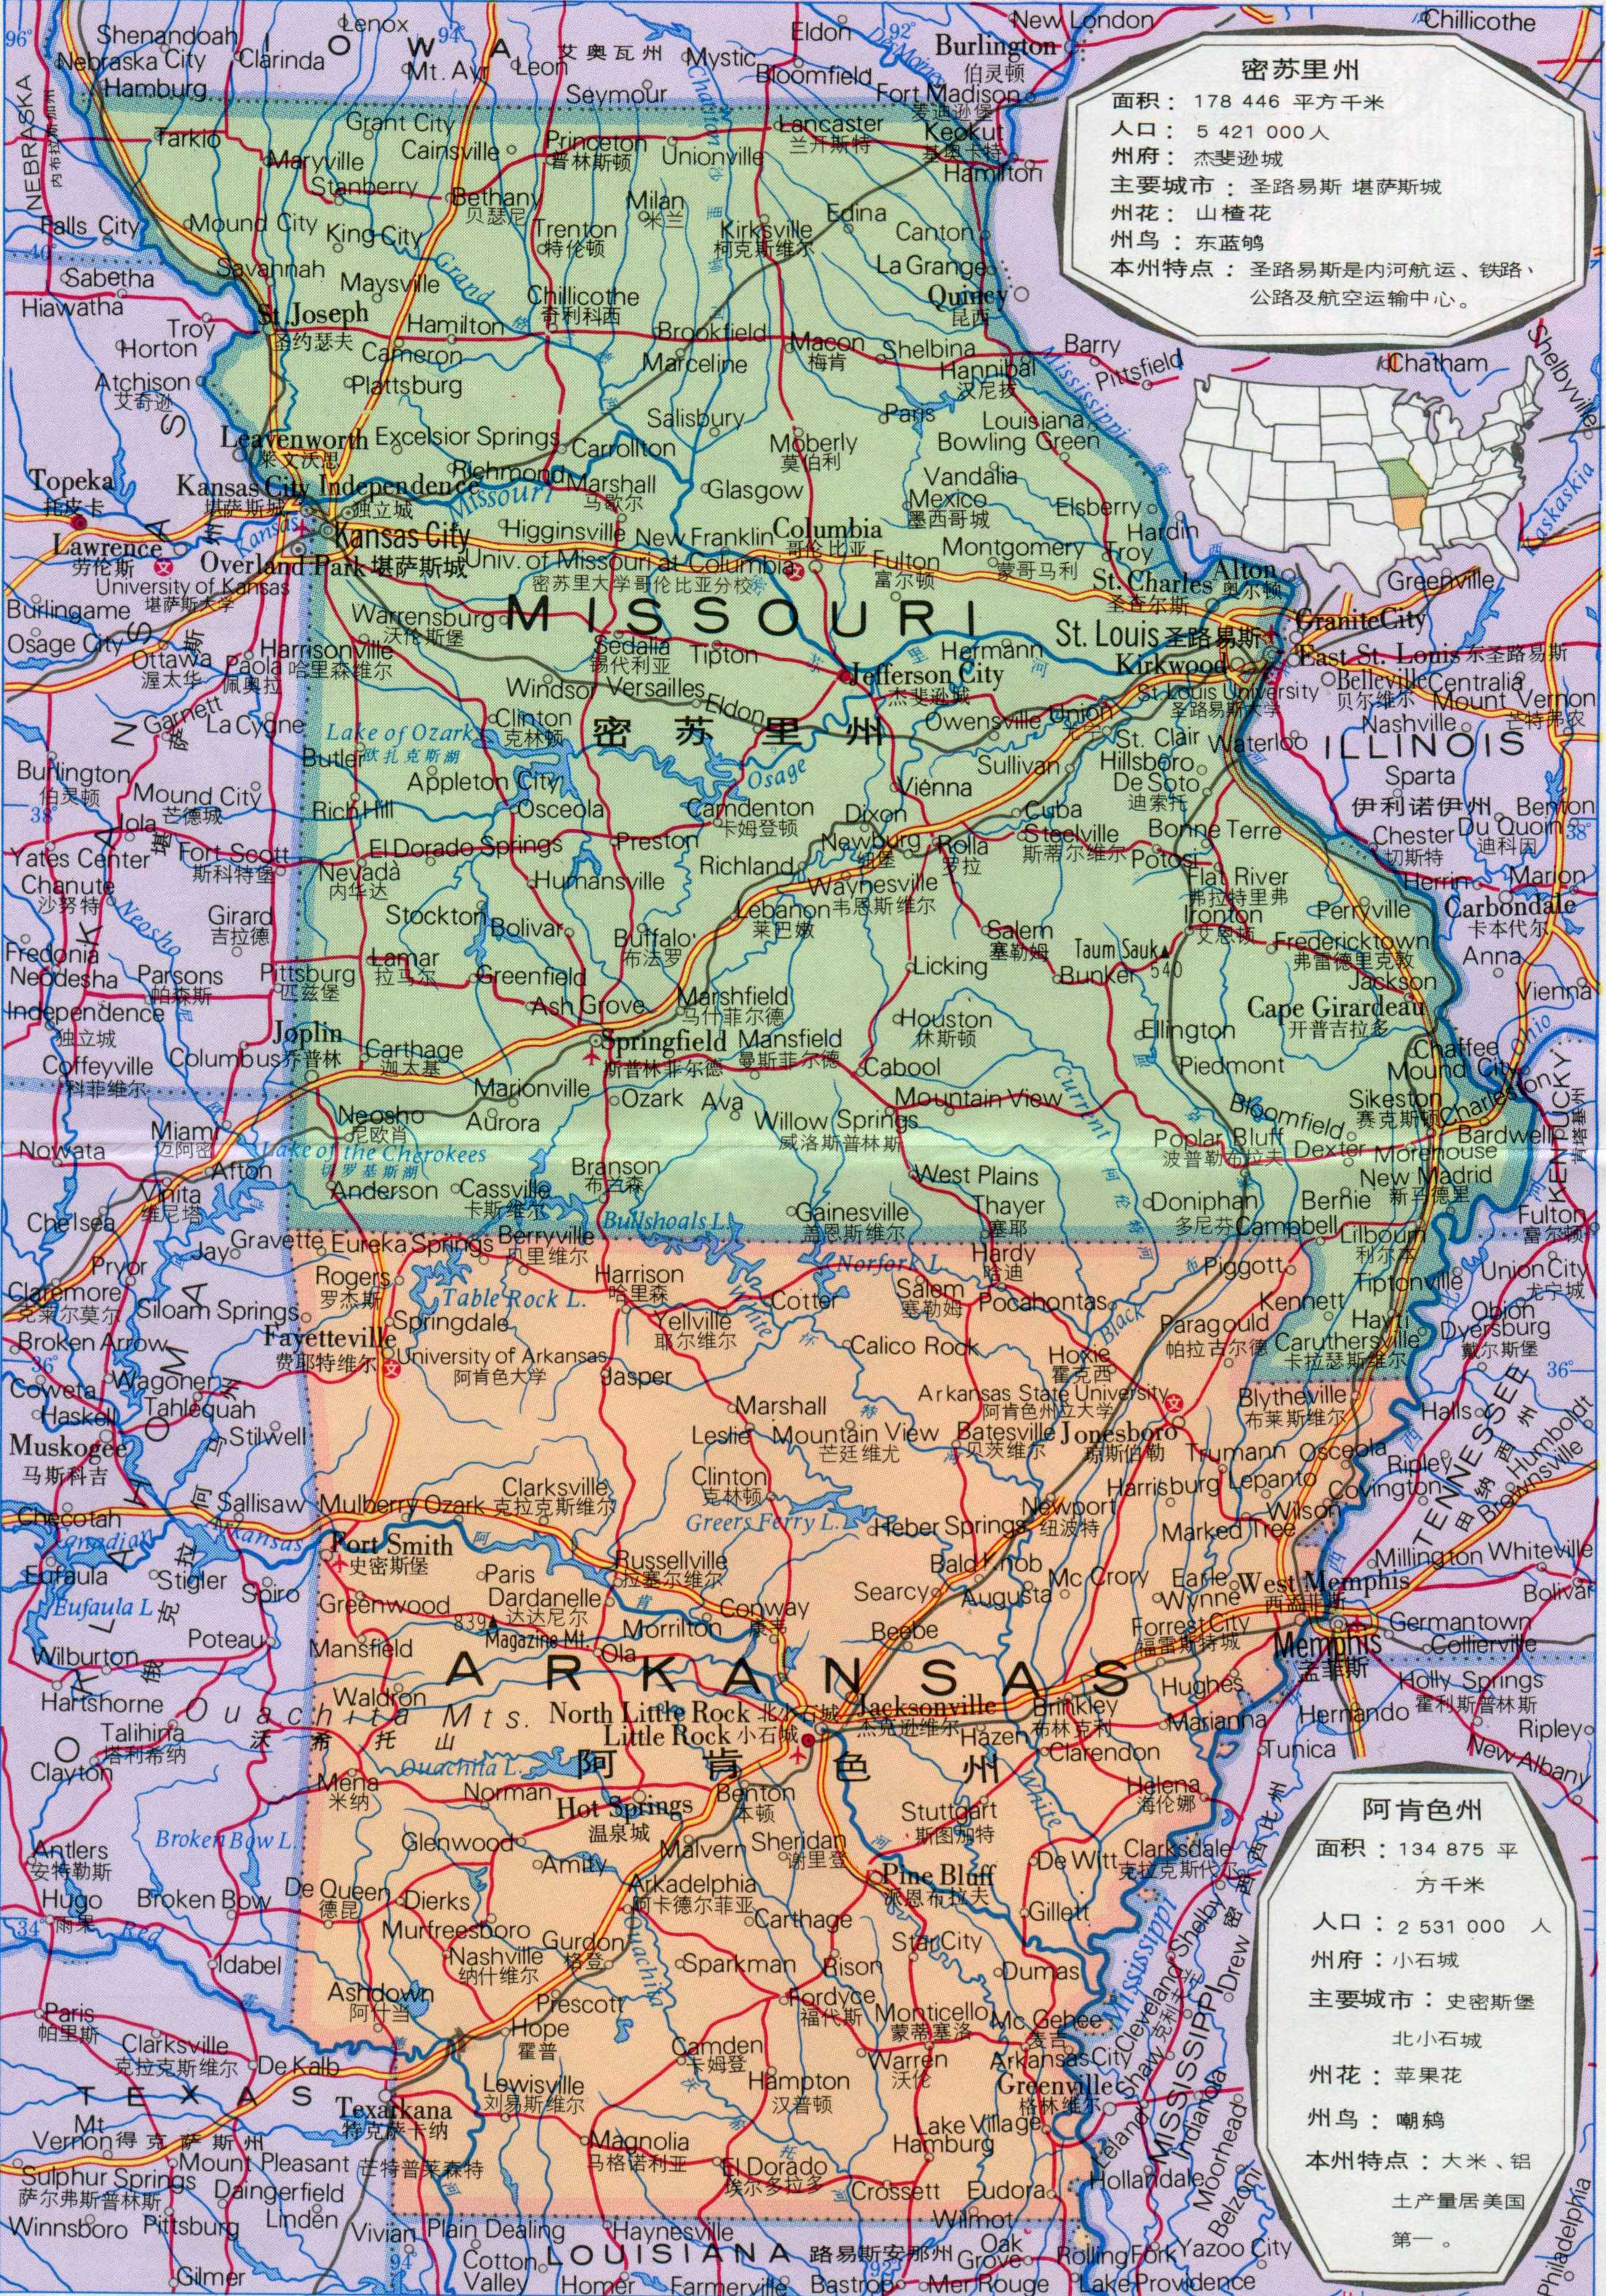 美国 各州 地图 中文 版